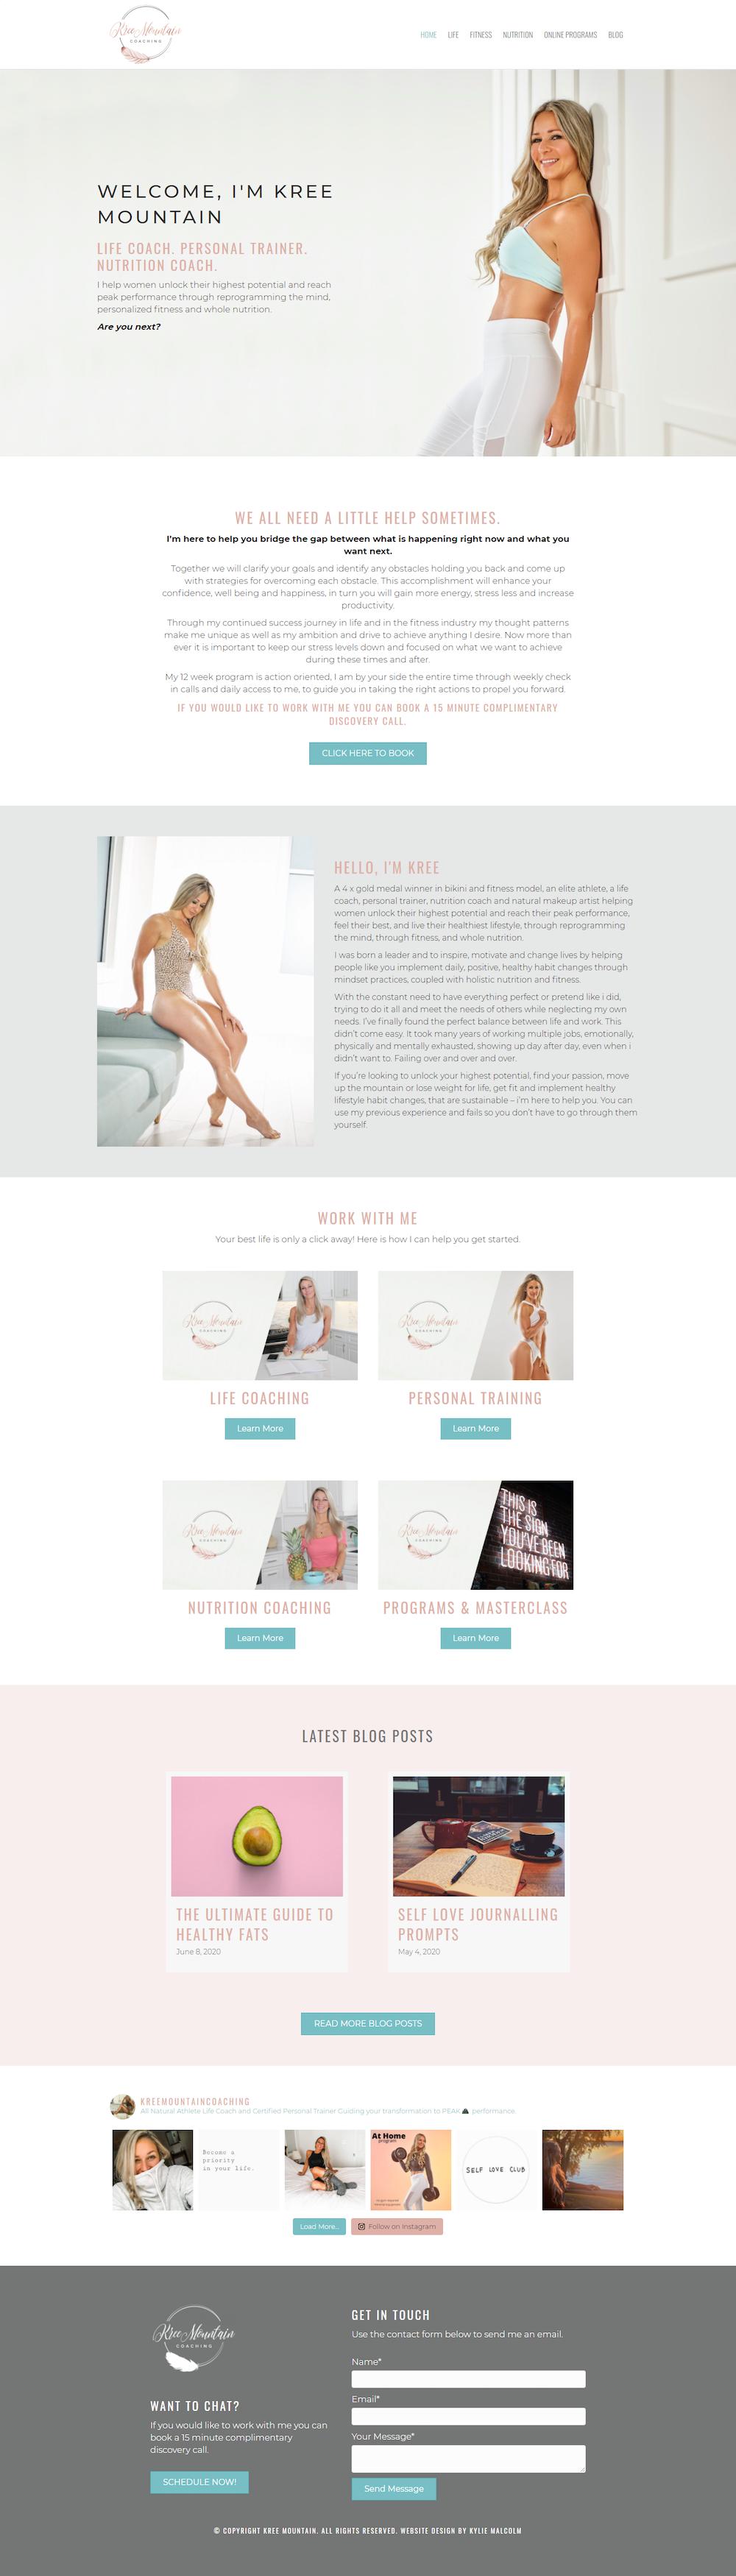 Fitness Website Design for Kree Mountain